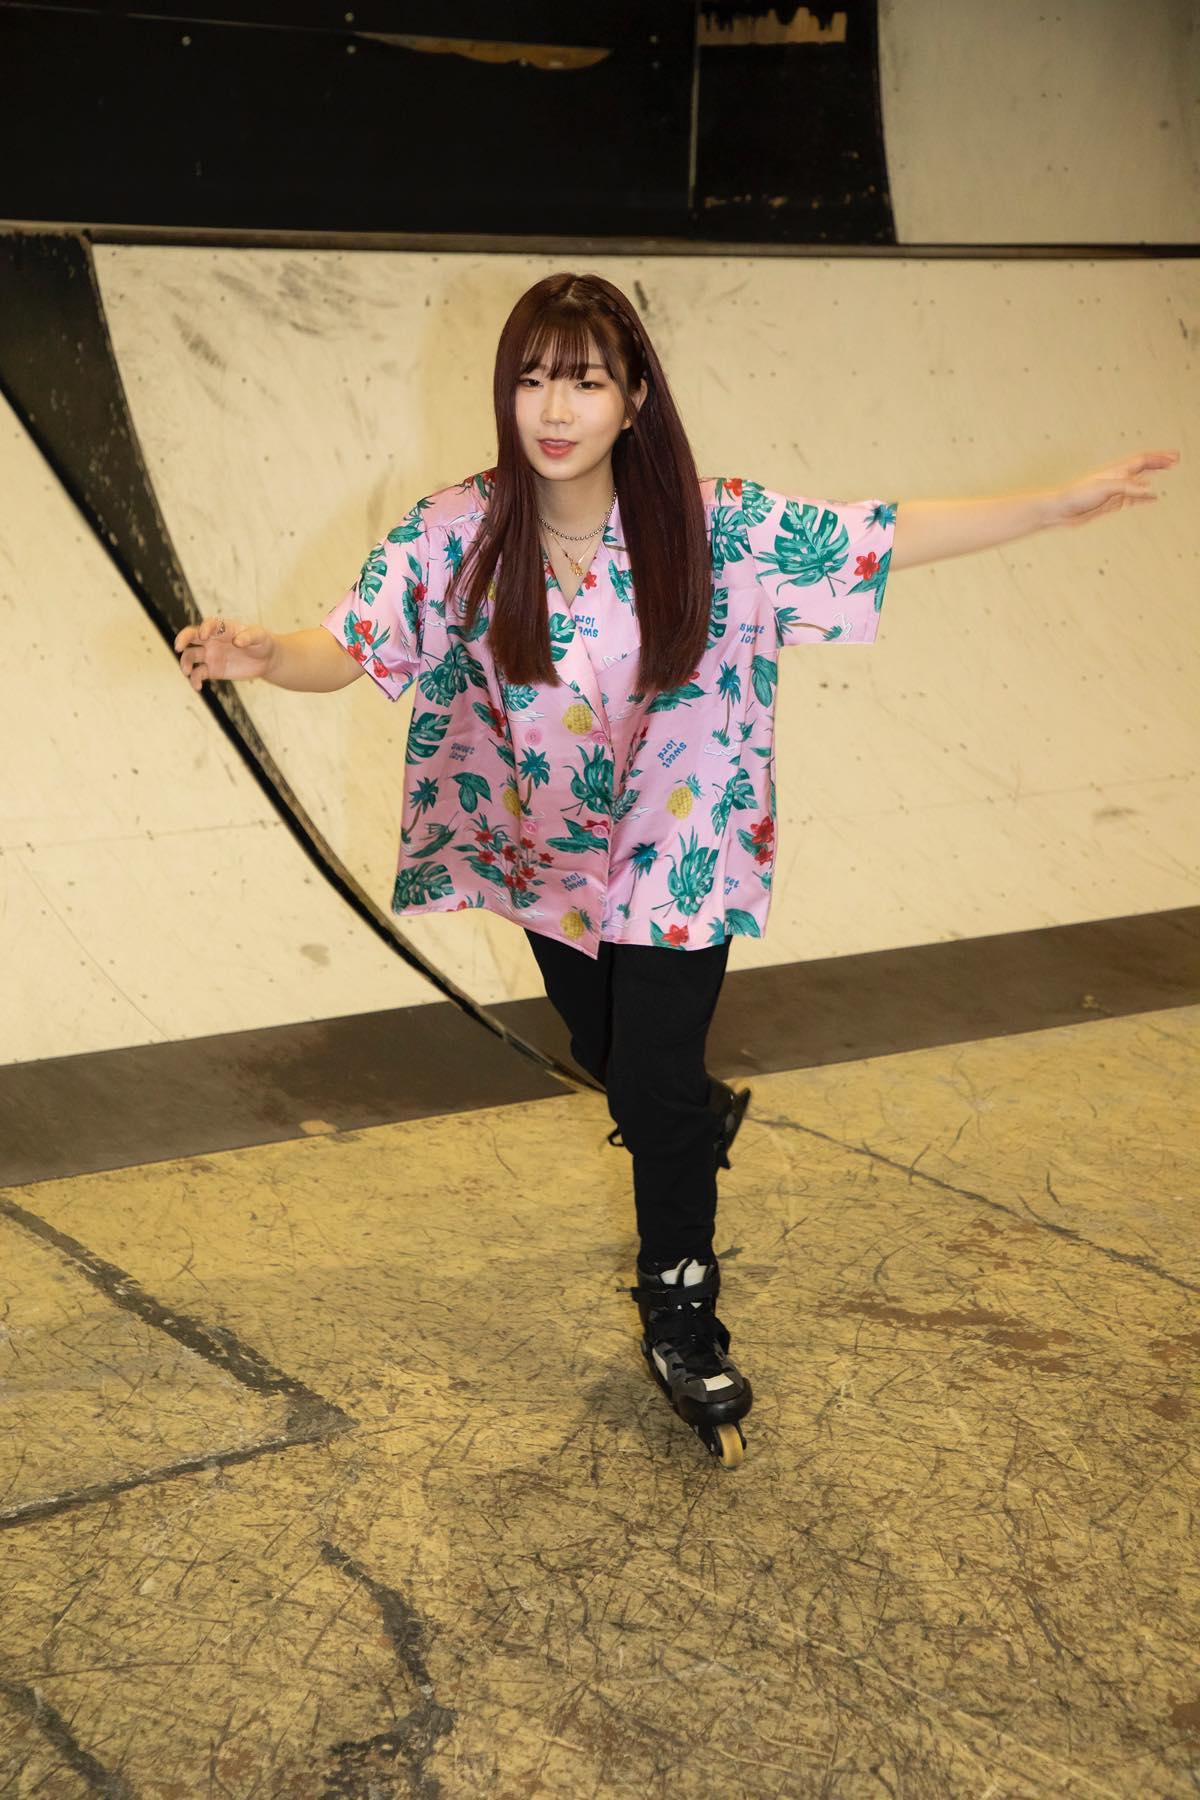 米田みいな「初めてのインラインスケートでなぜかにゃんこスターのモノマネ!?」【写真37枚】【連載】ラストアイドルのすっぴん!vol.21の画像012